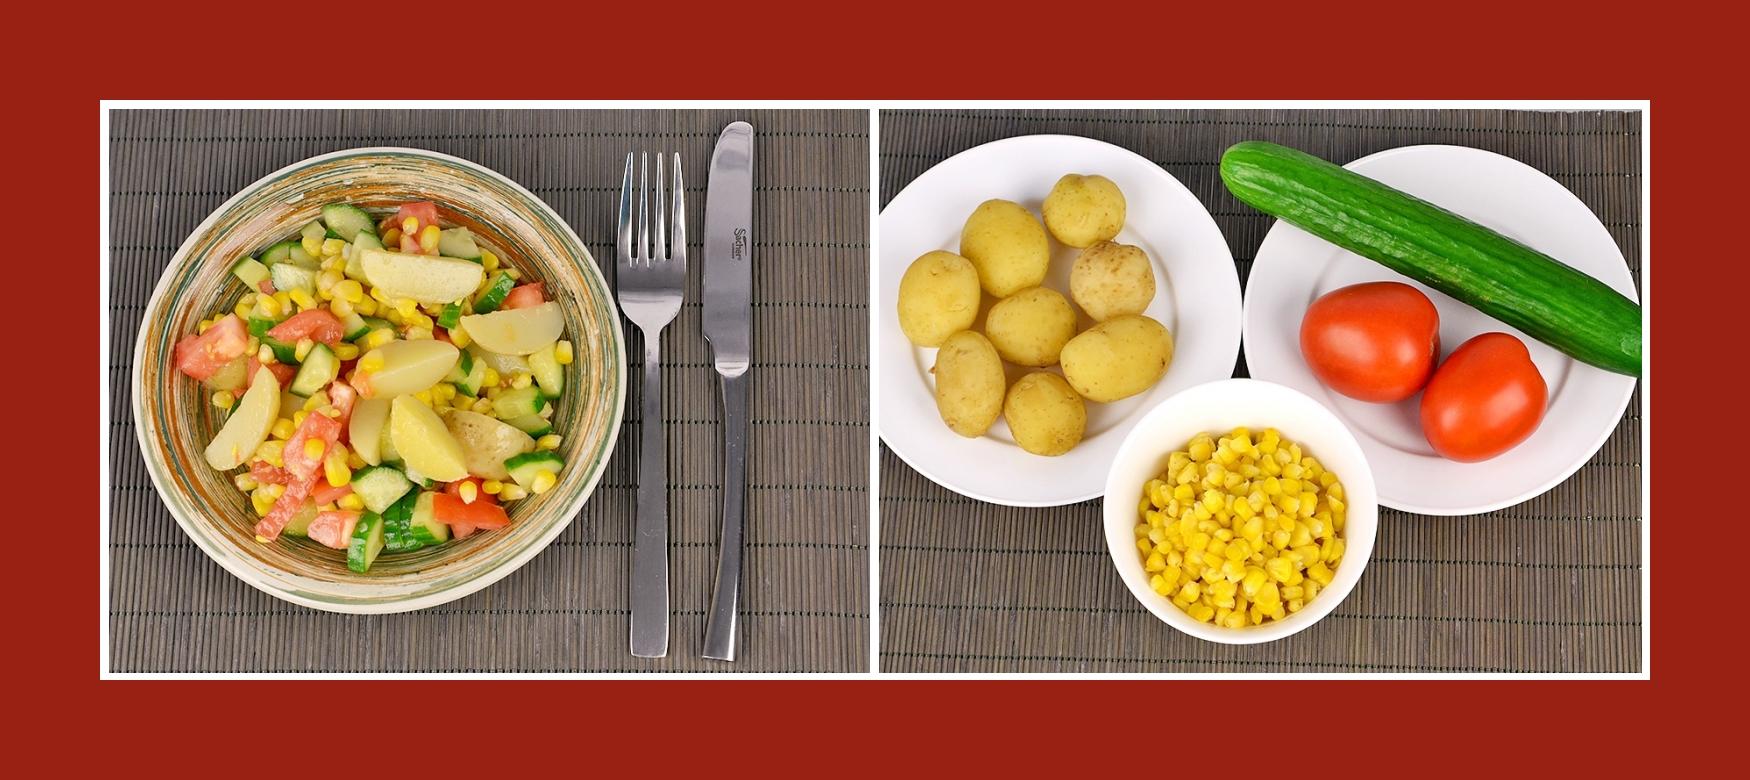 Sommerlicher Kartoffelsalat mit Frühkartoffeln, Tomaten, Gurken und Mais